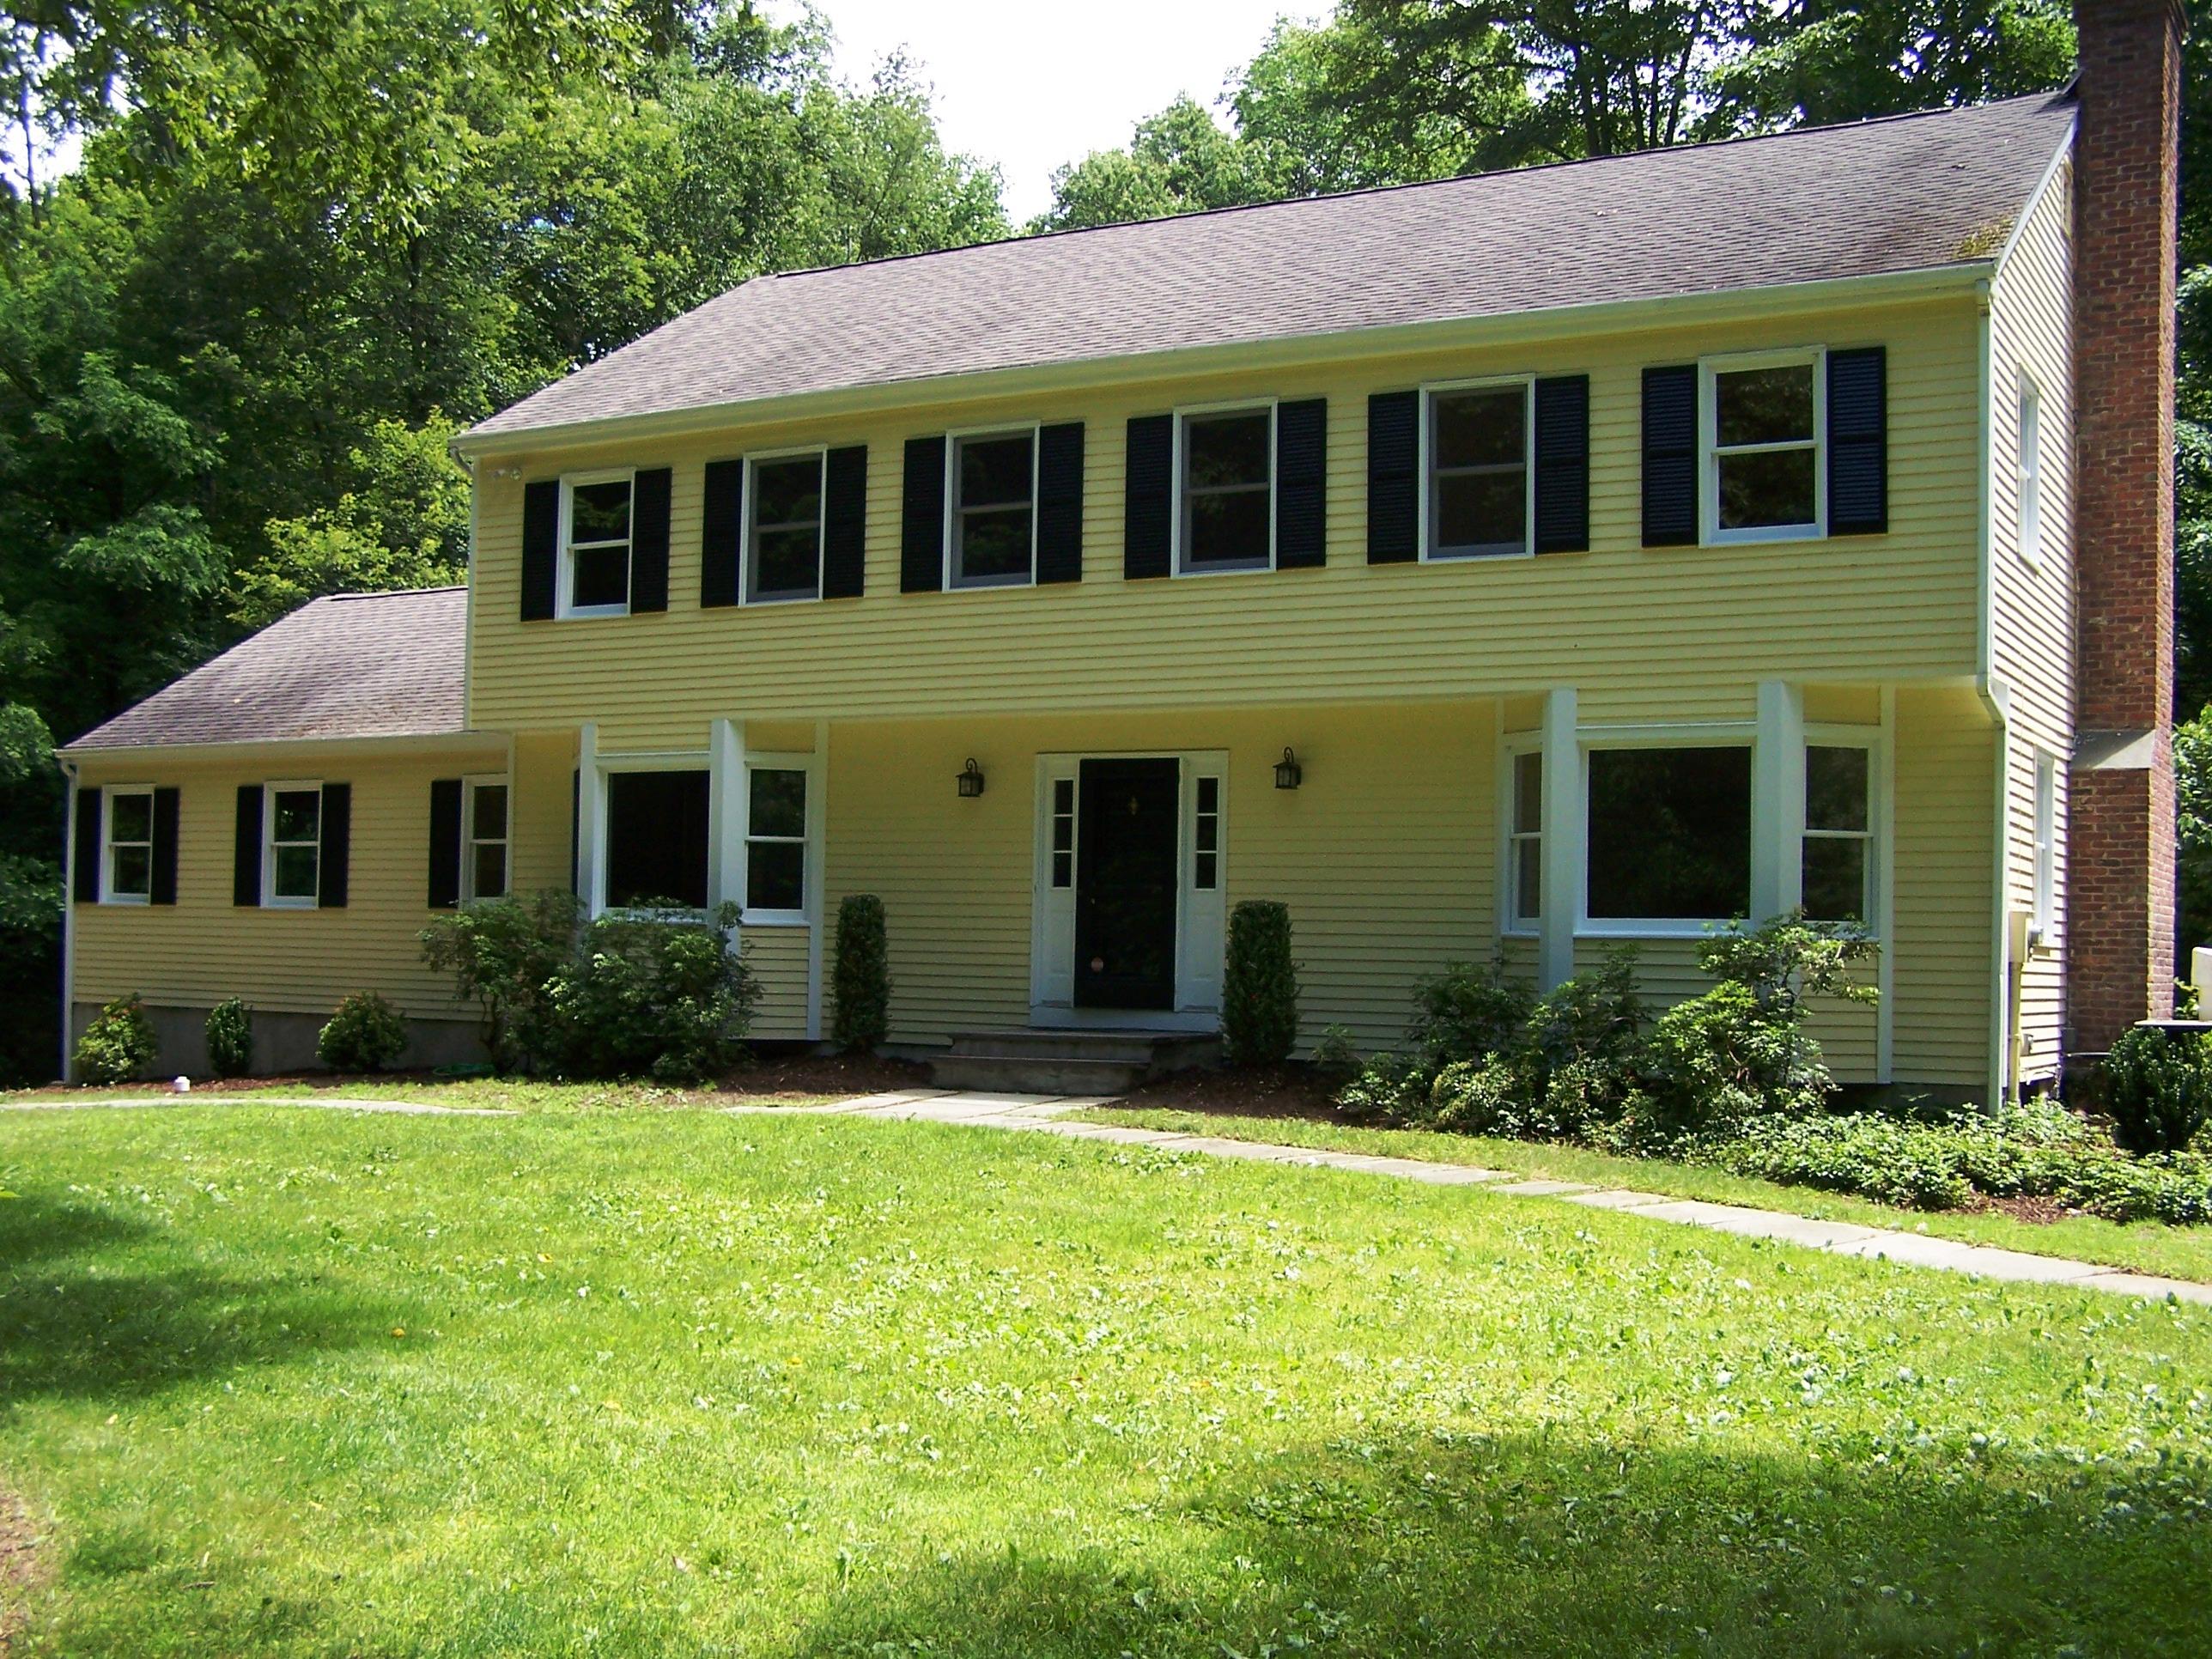 一戸建て のために 売買 アット Impeccably Maintained 288 Mountain Road Wilton, コネチカット 06897 アメリカ合衆国